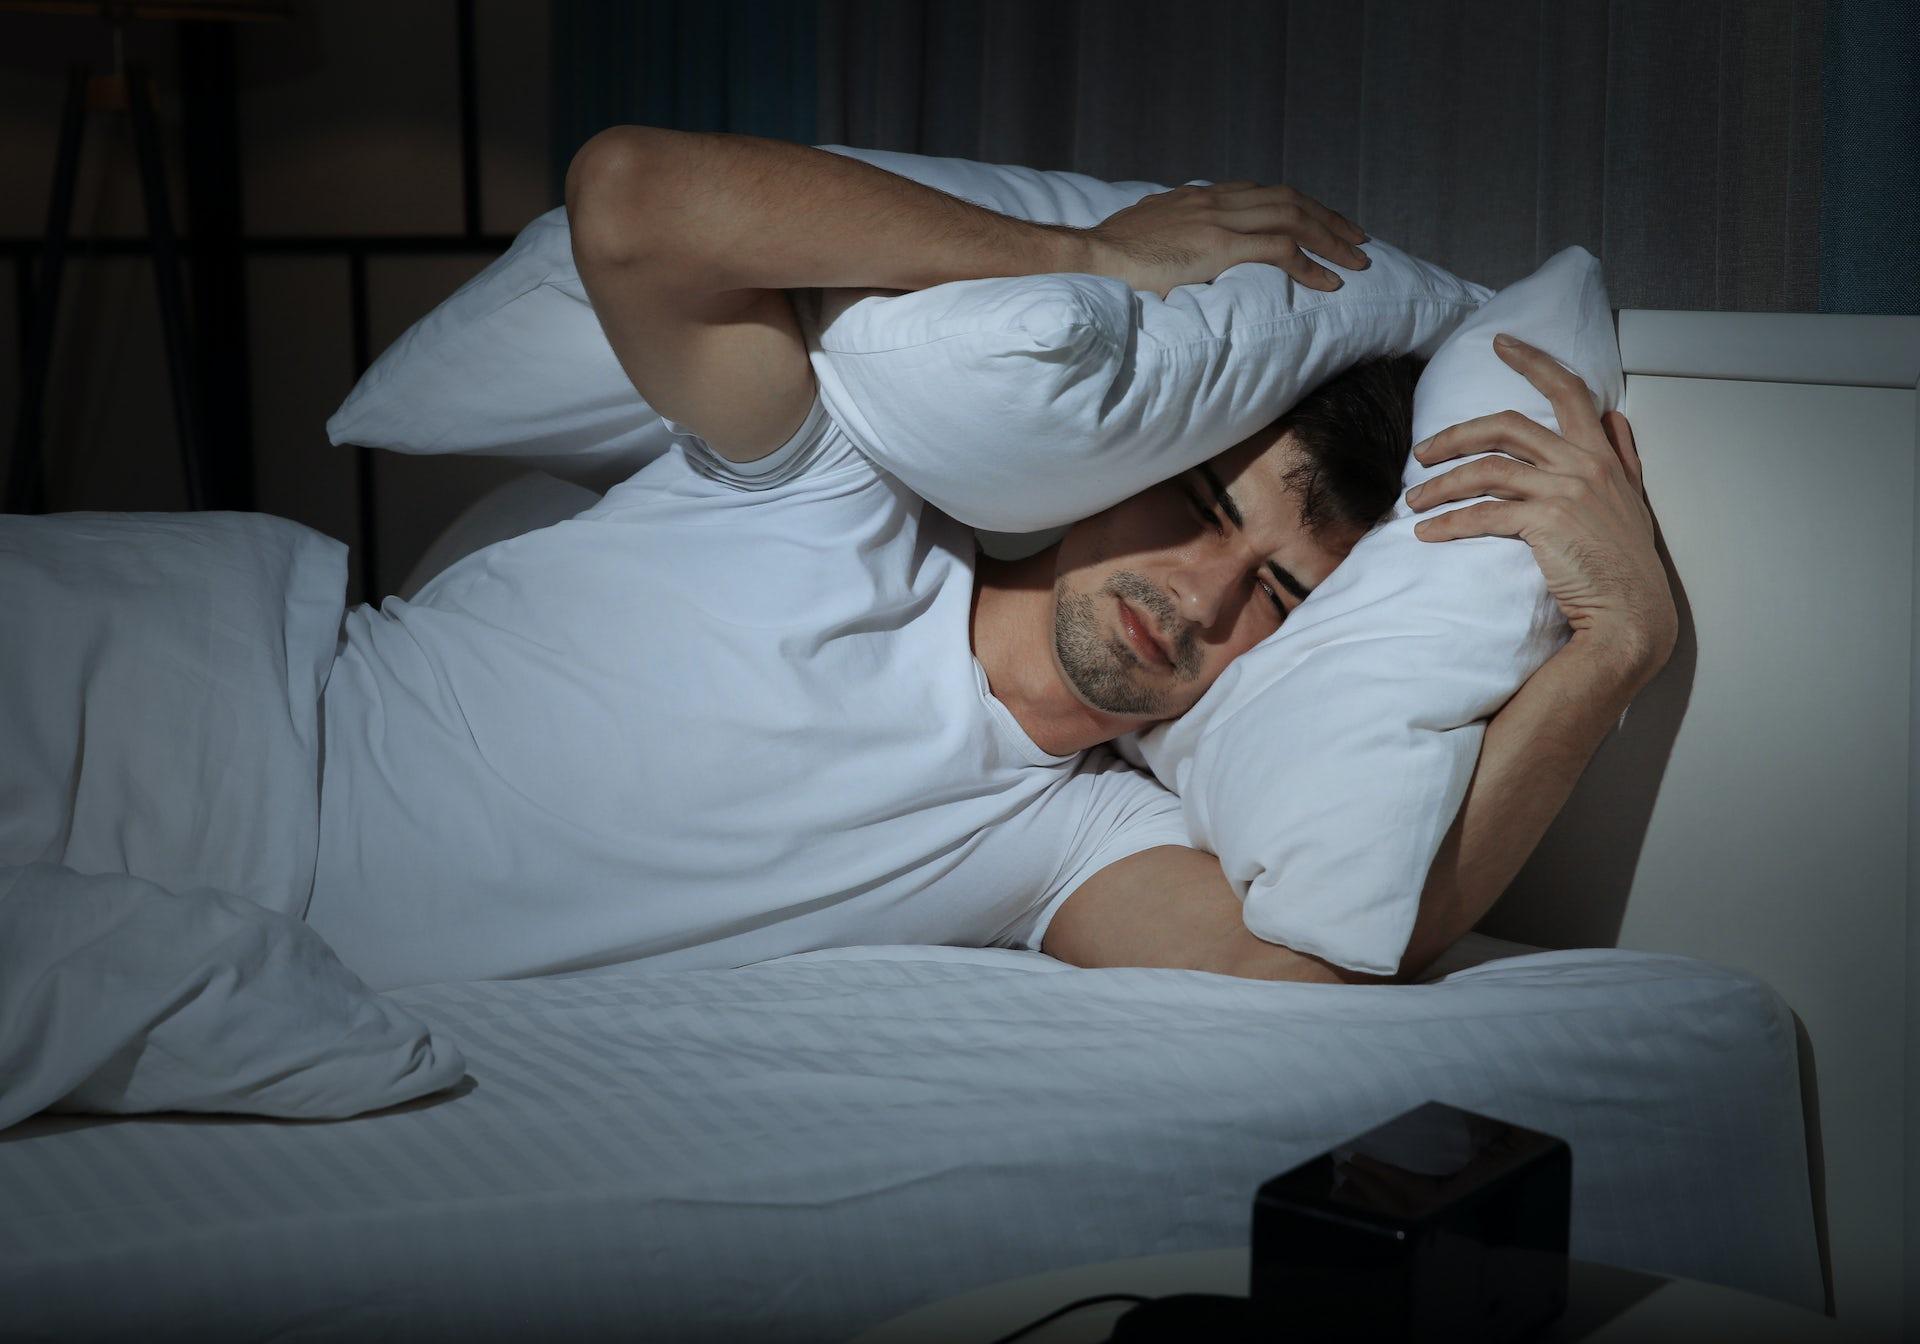 A new sleep crisis. Africa Studio / Shutterstock.com